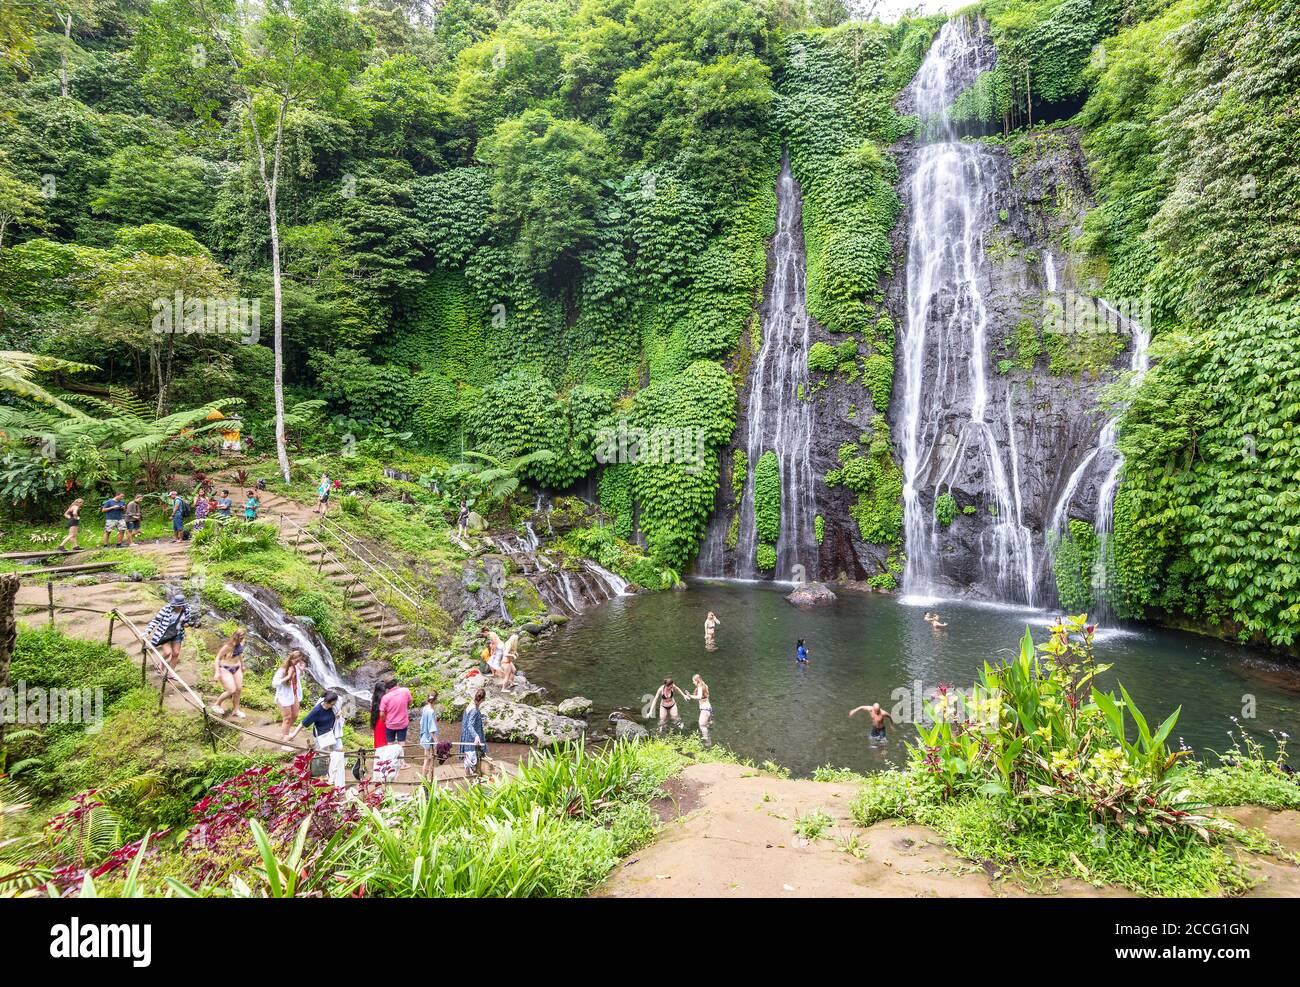 Banyumala doppia cascata è una delle più belle cascate di Bali, Indonesia. Nonostante la sua incredibile bellezza naturale, la cascata di Banyumala è ancora Foto Stock